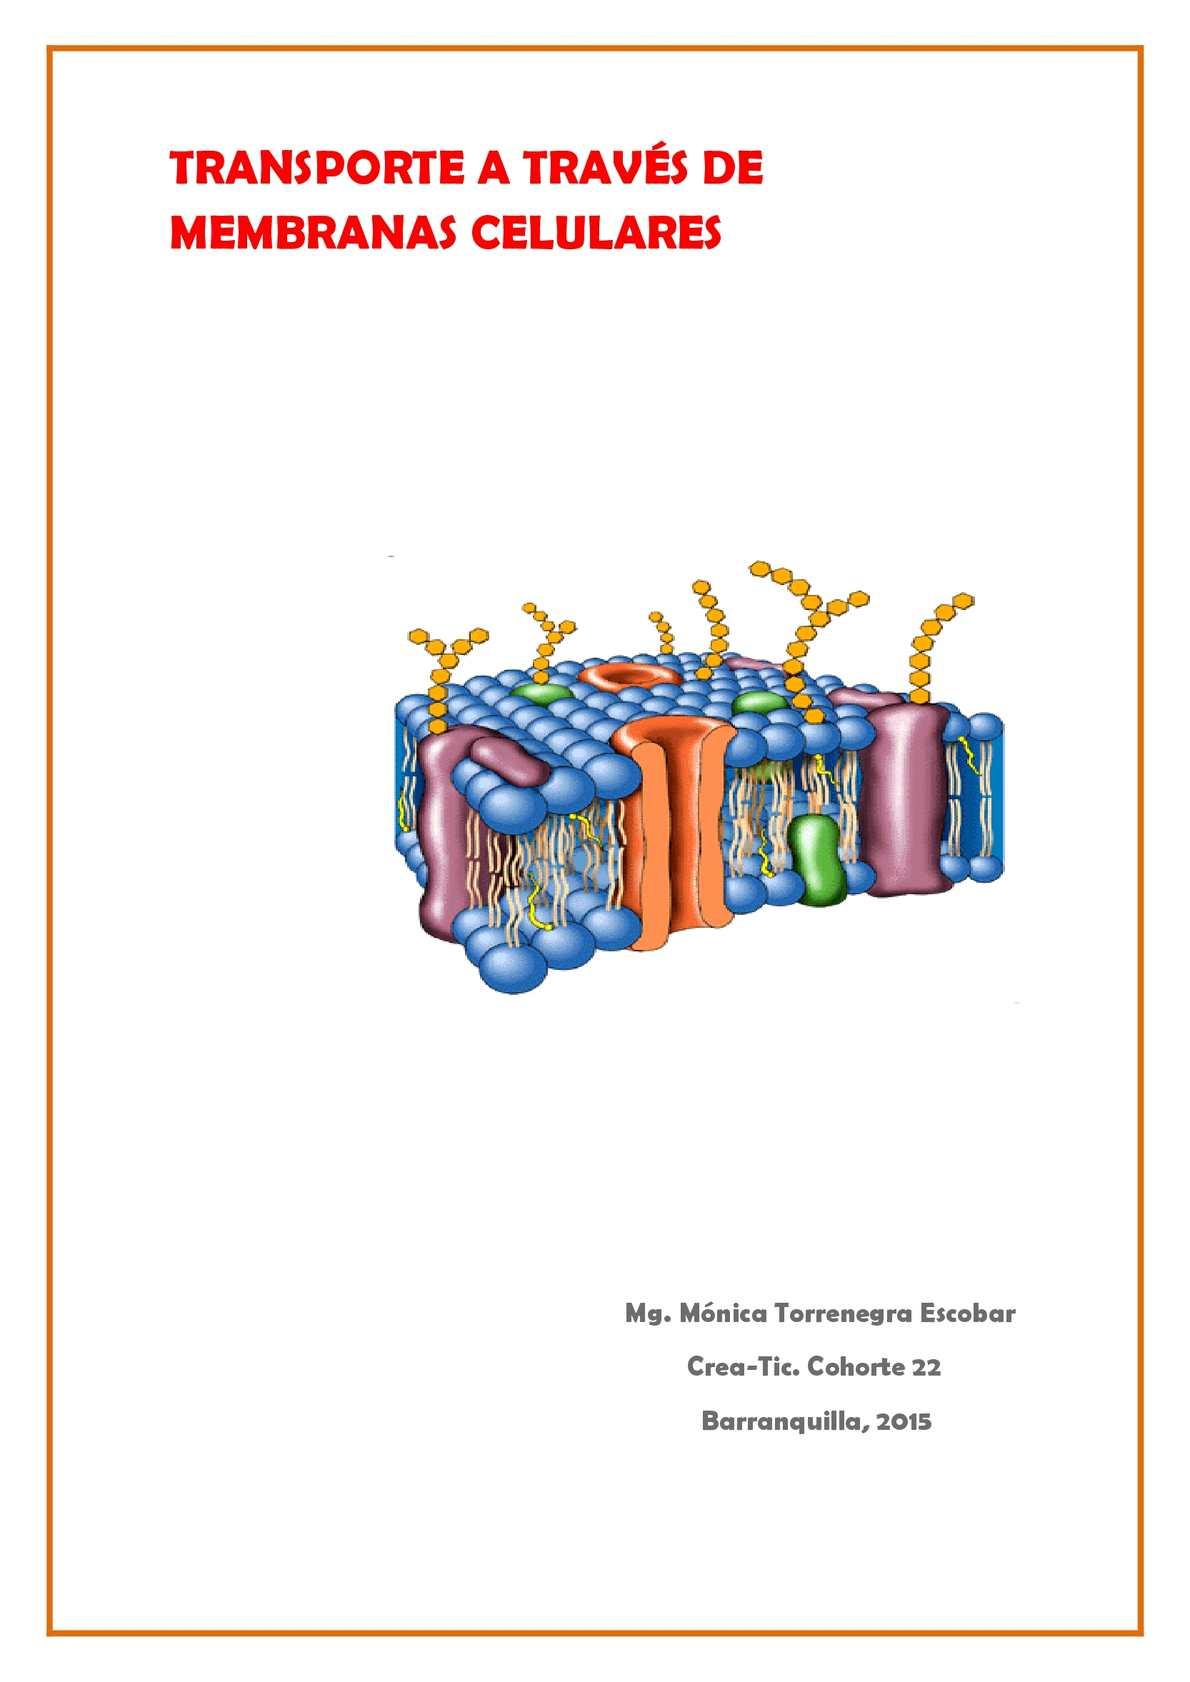 Calaméo Revista Transporte A Través De Membranas Celulares